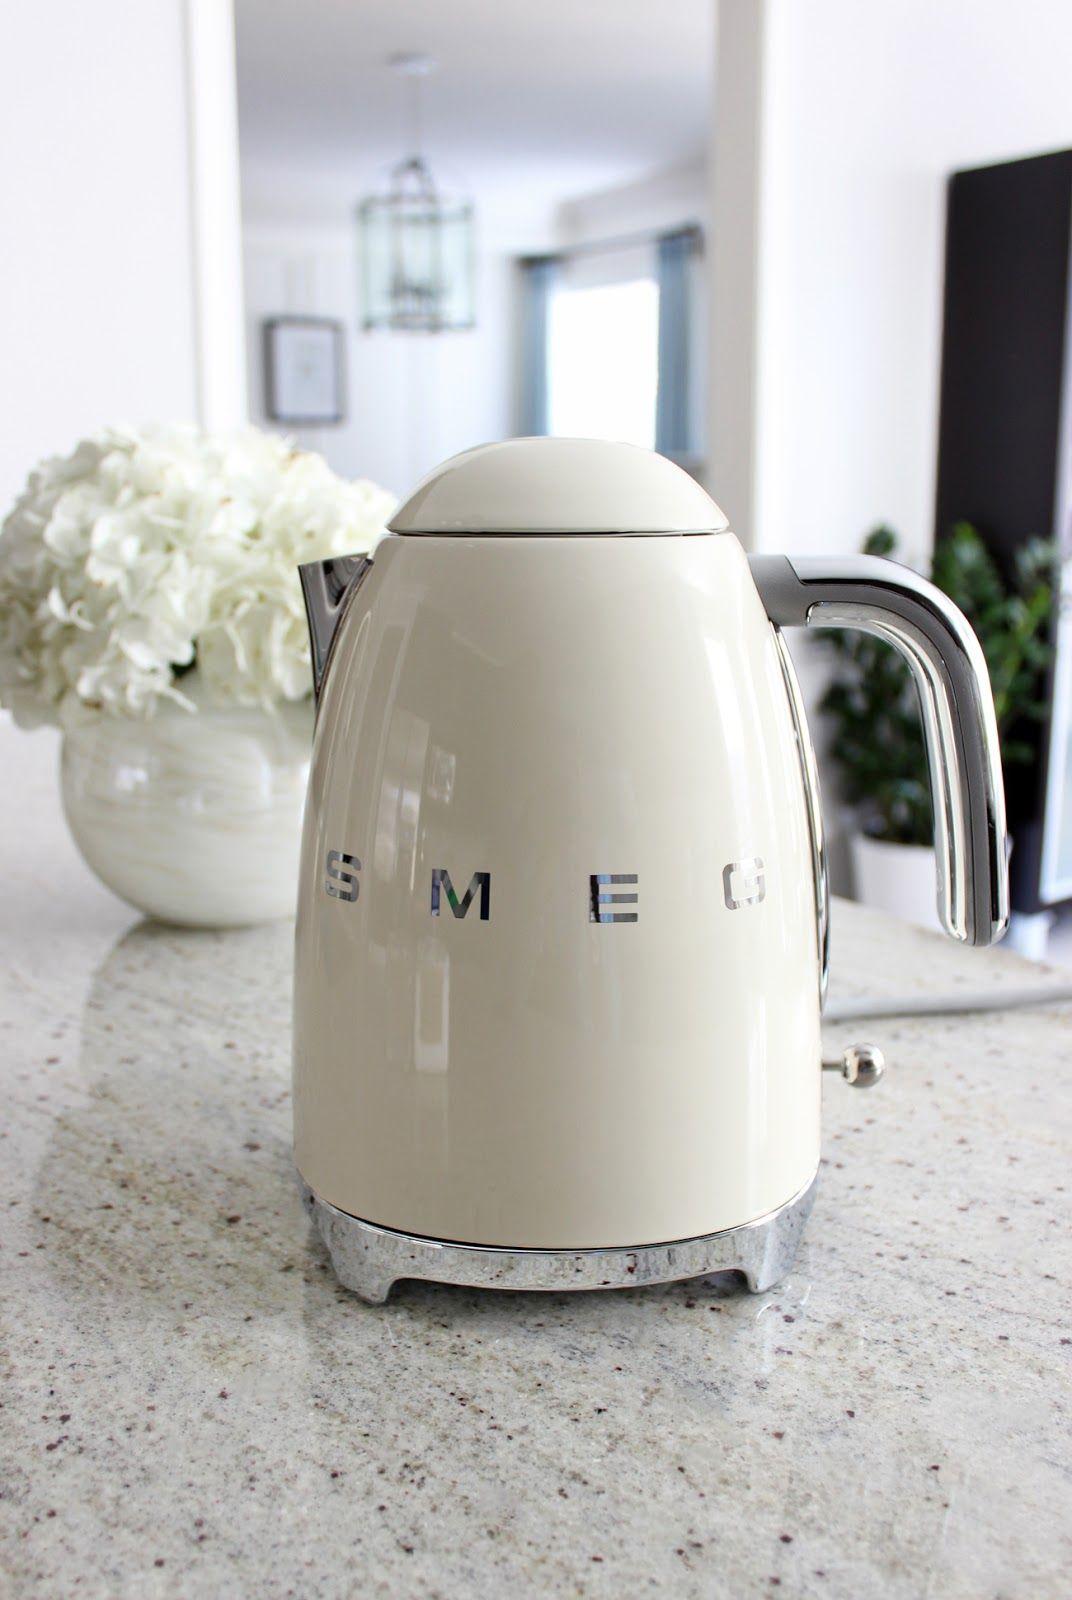 Smeg Kettle In White Cream Smeg Smeg Kitchen Smeg Kettle